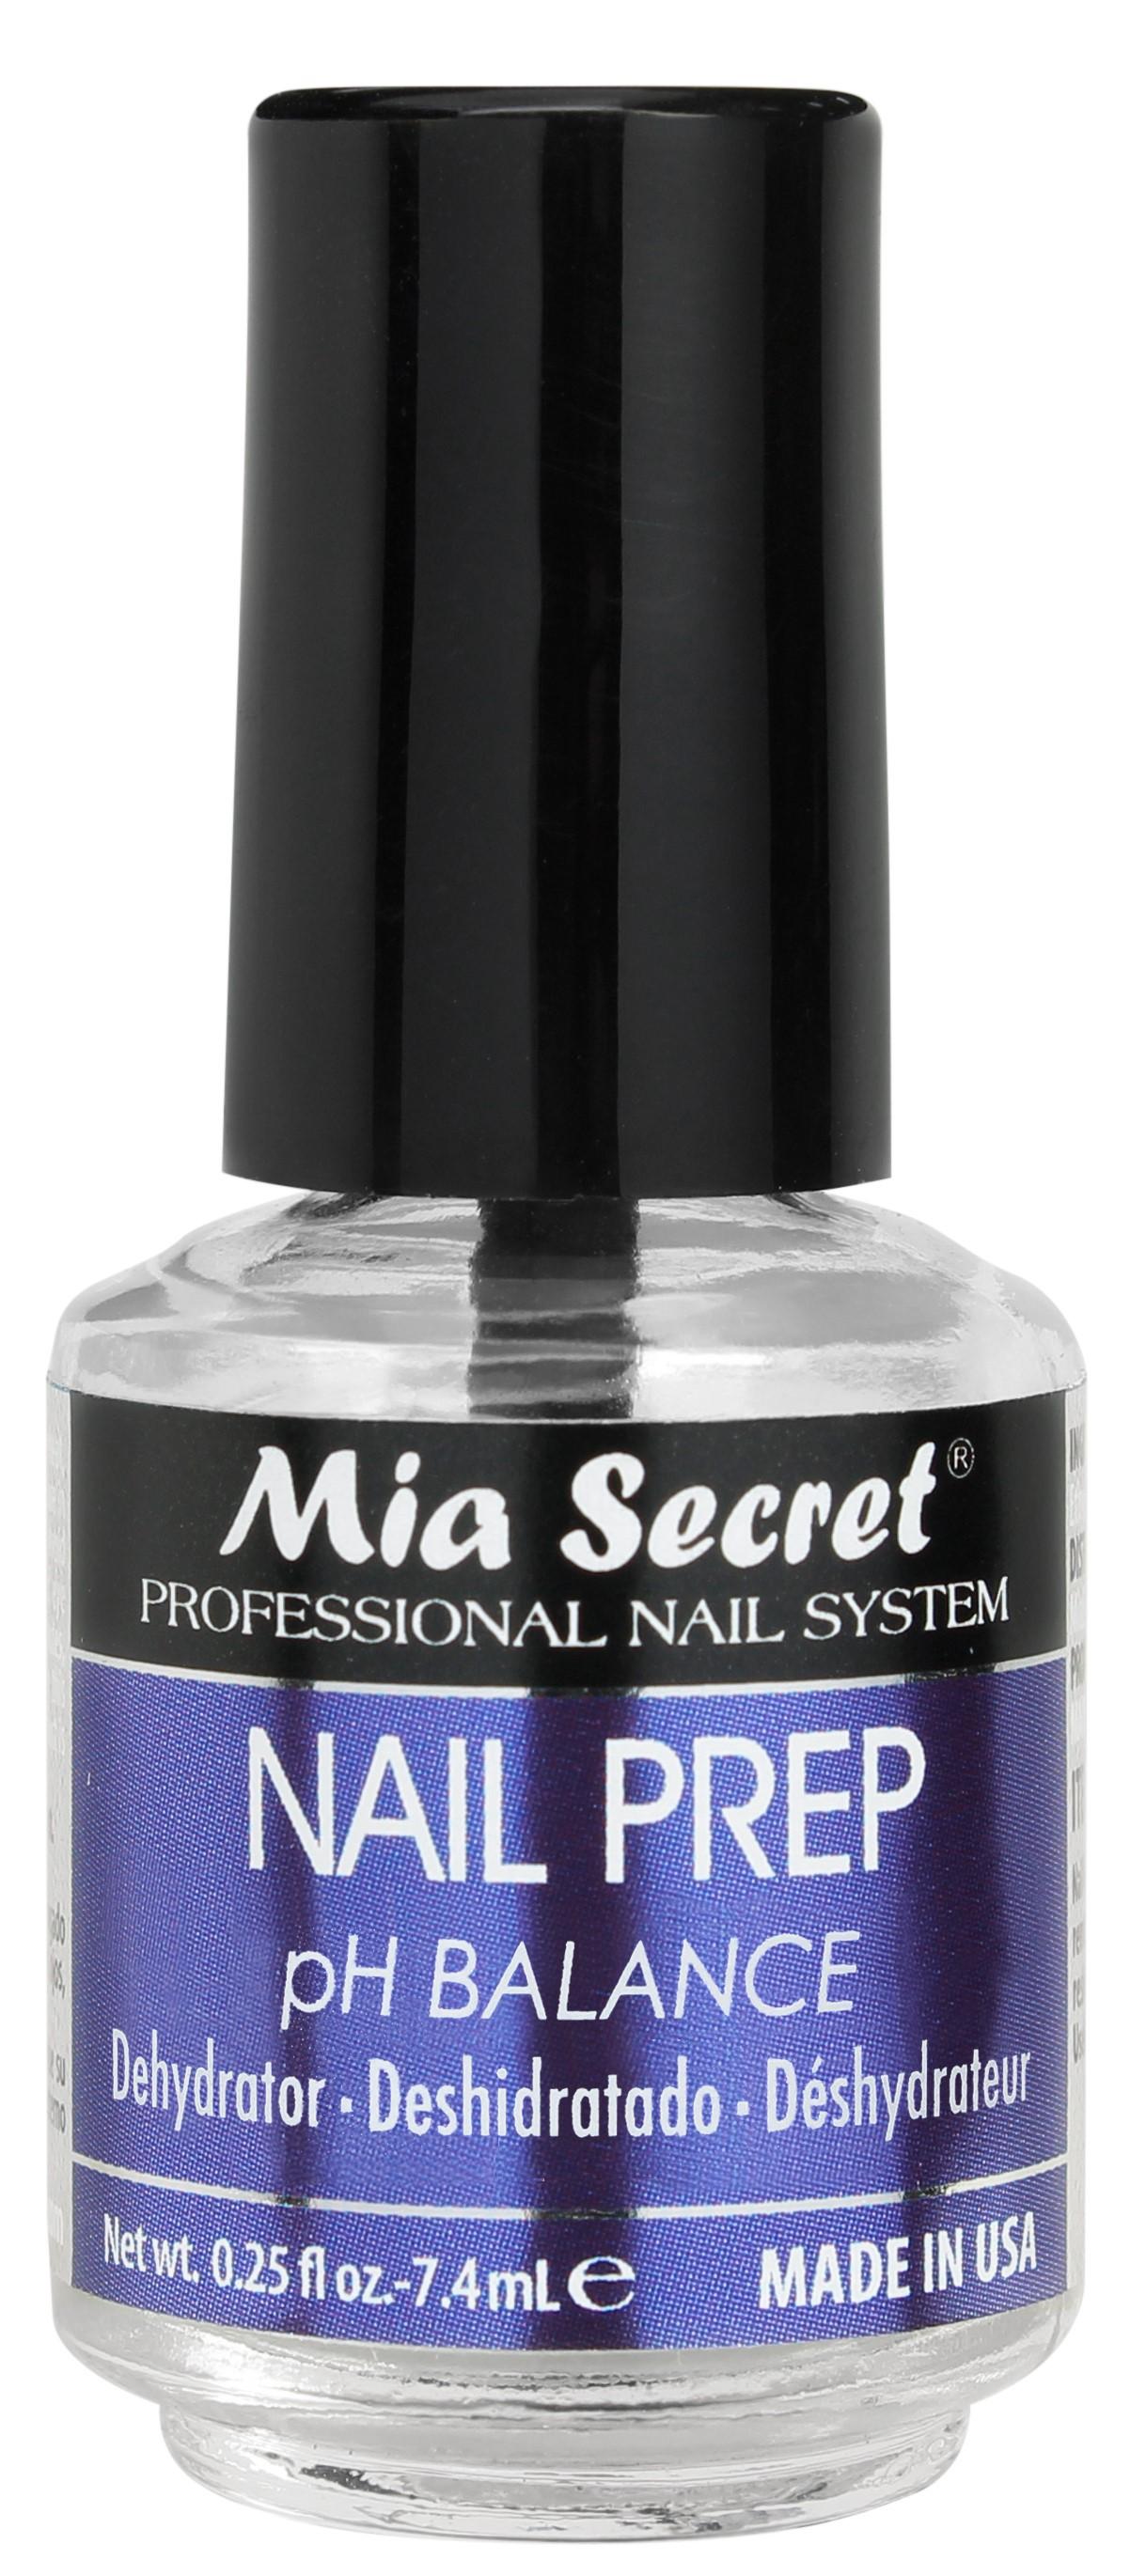 Nail Prep 7.4 ml.